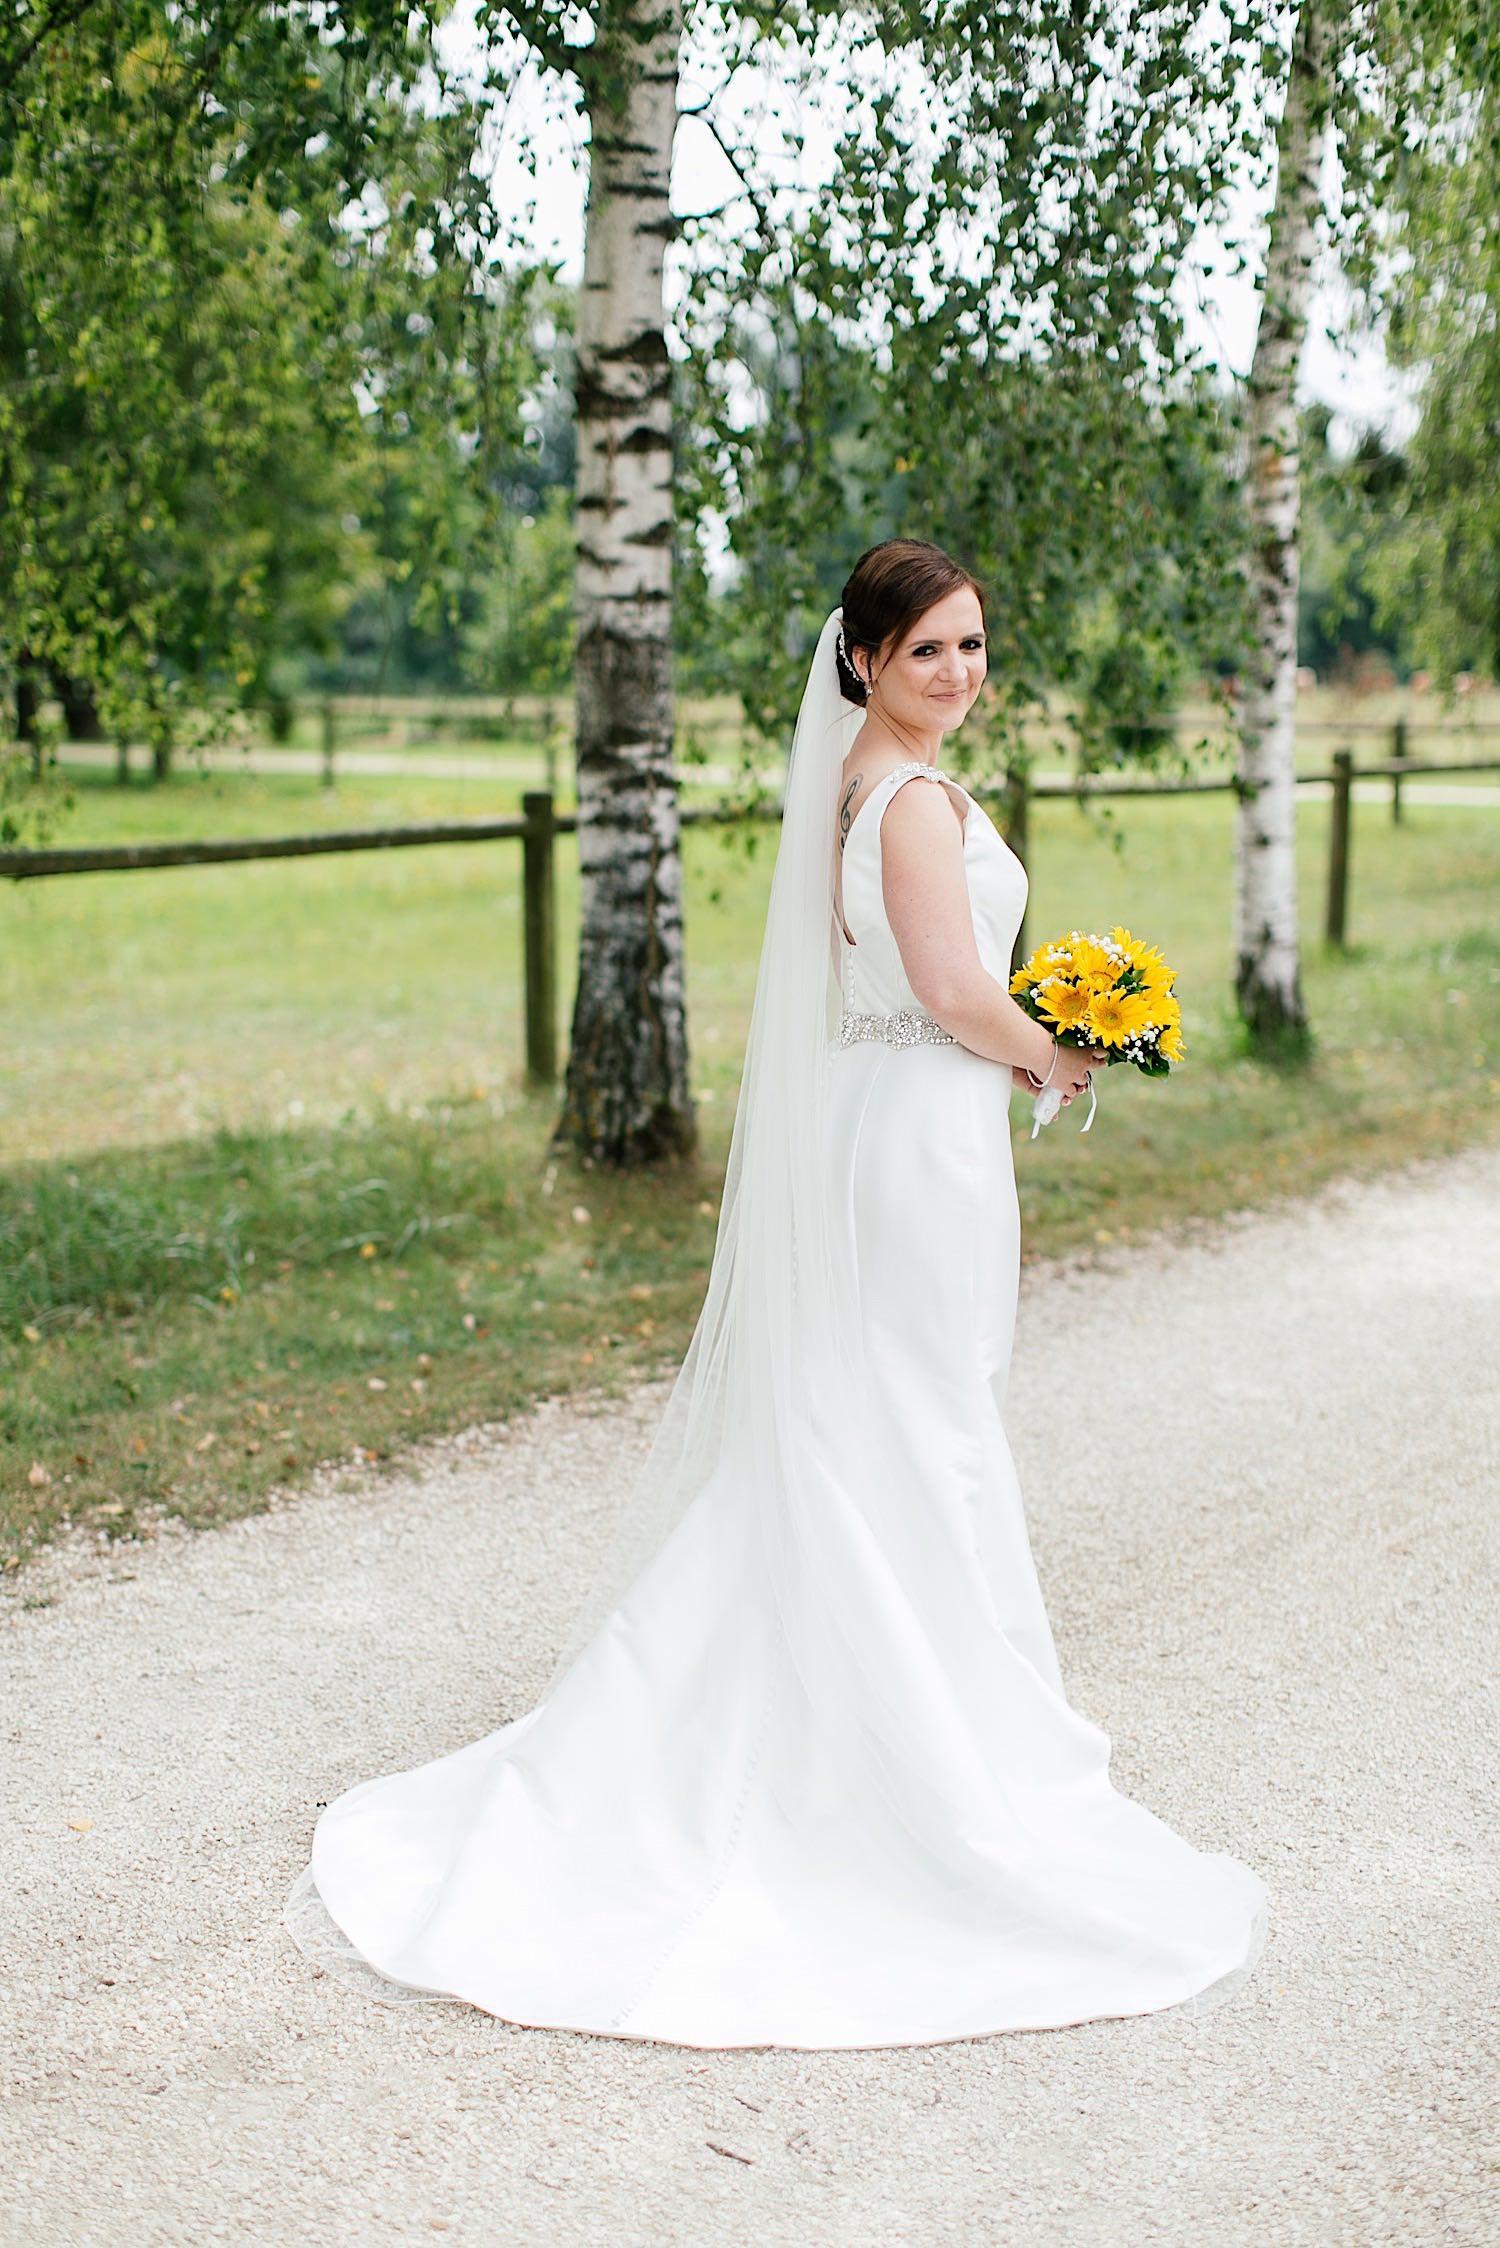 Brautstrauss mit Sonnenblumen